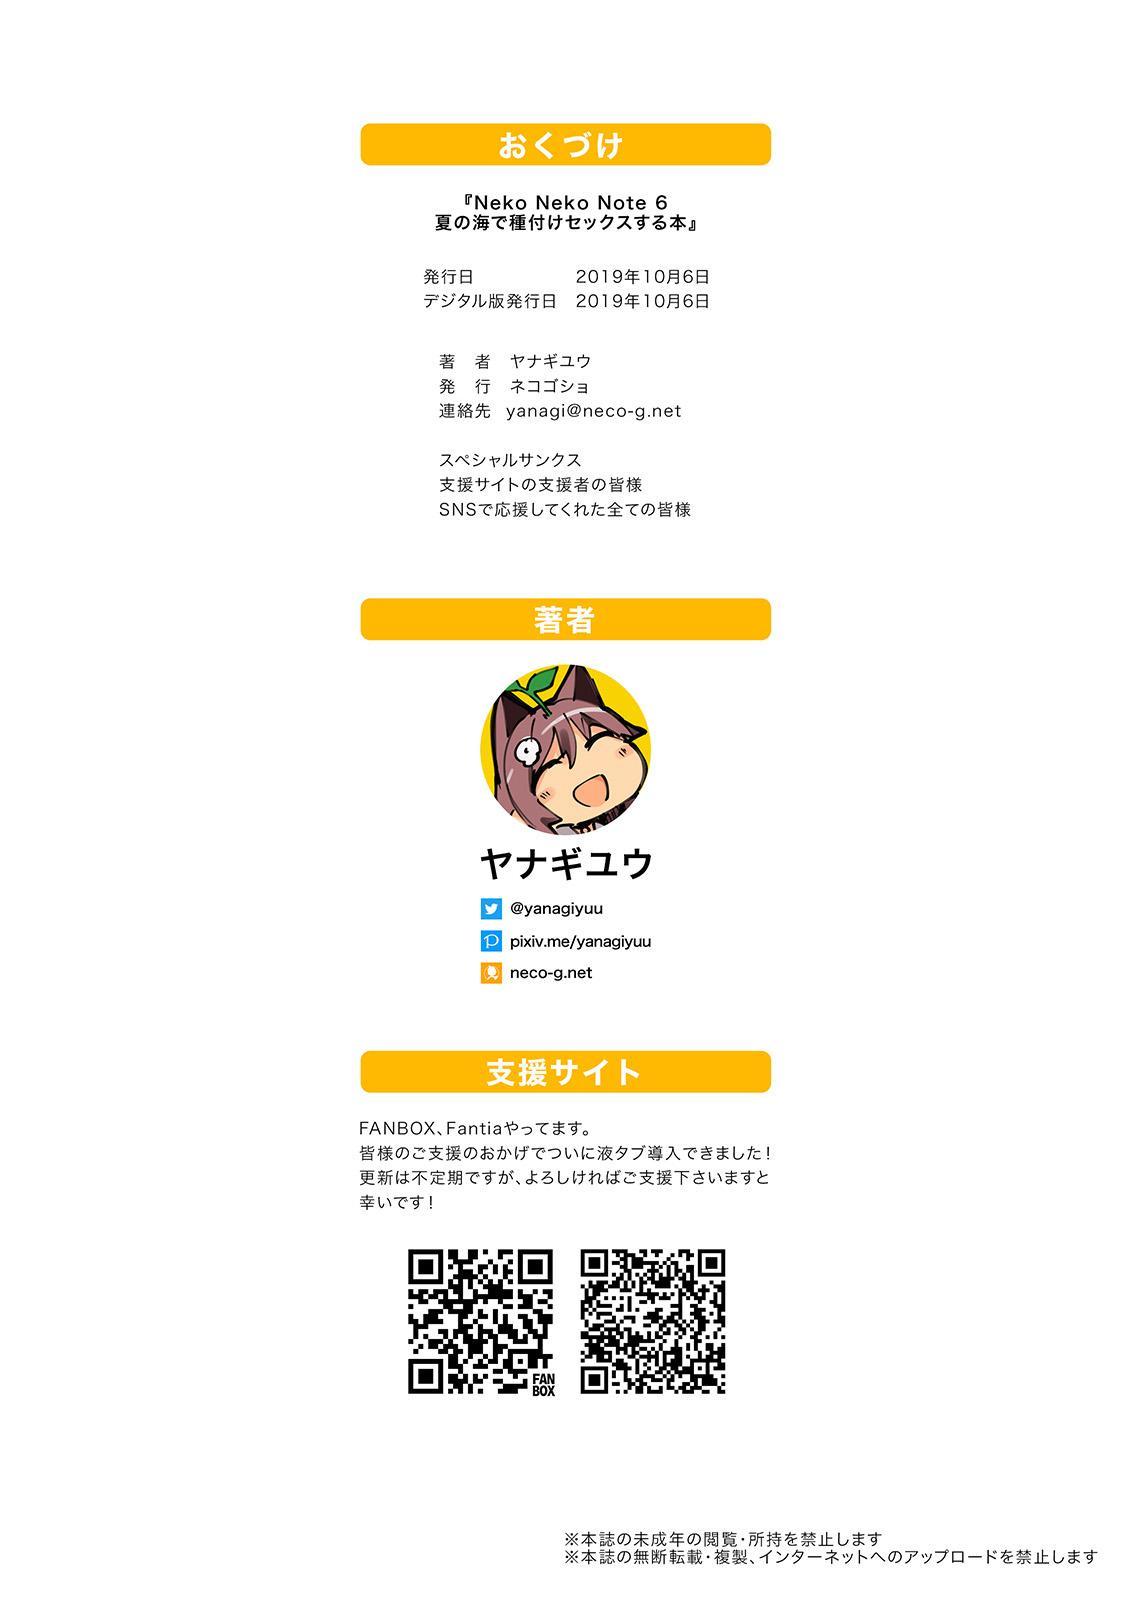 Neko Neko Note 6 Natsu no Umi de Tanetsuke Sex Suru Hon   Neko Neko Note 6 25